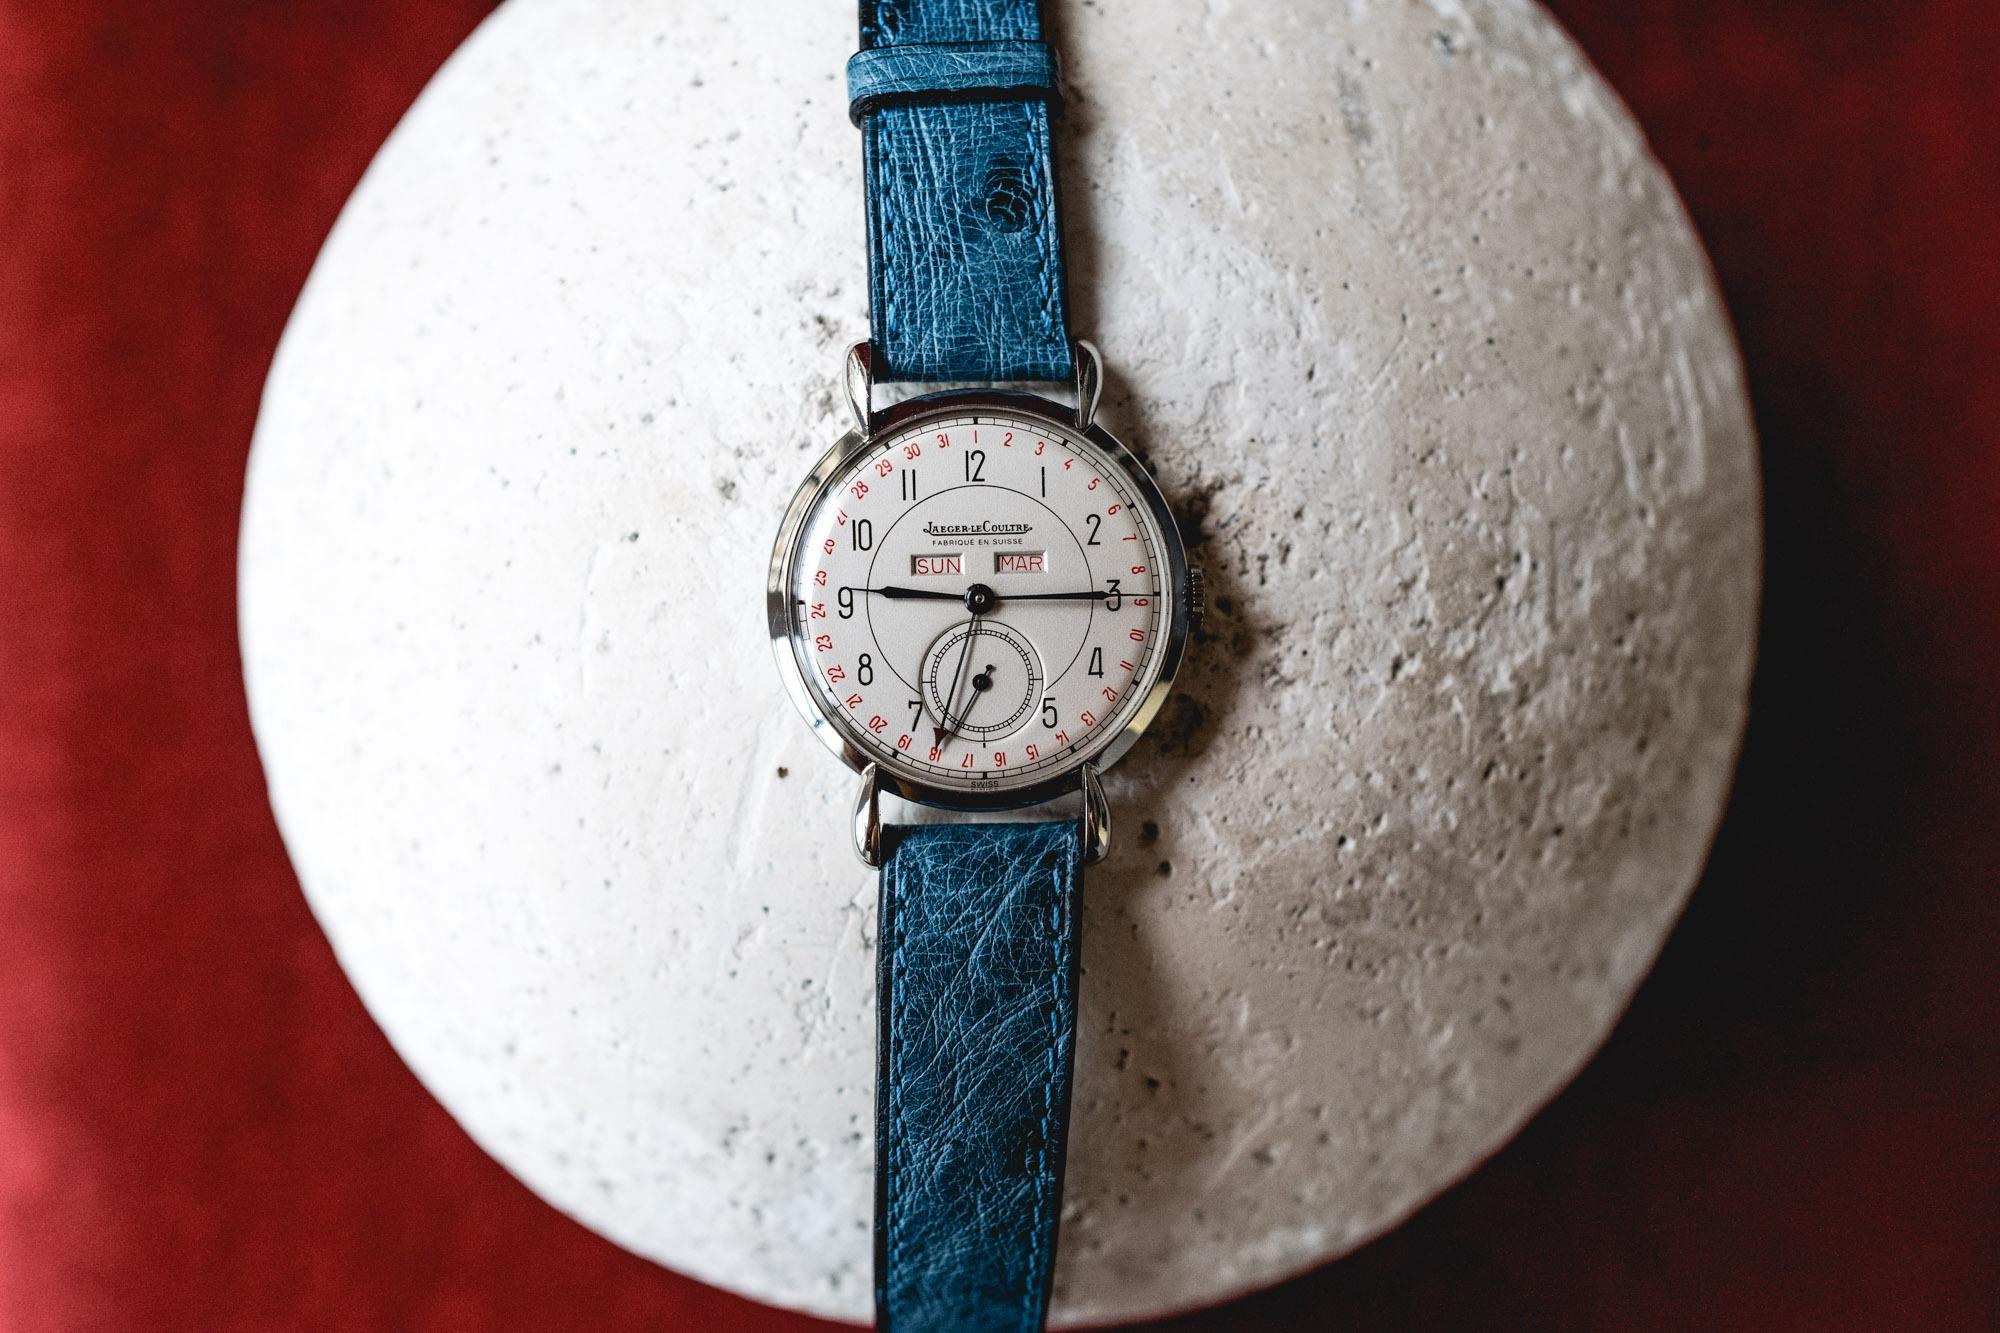 Tajan - Vente de montres du 11 décembre -Jaeger-LeCoultre Triple quantième